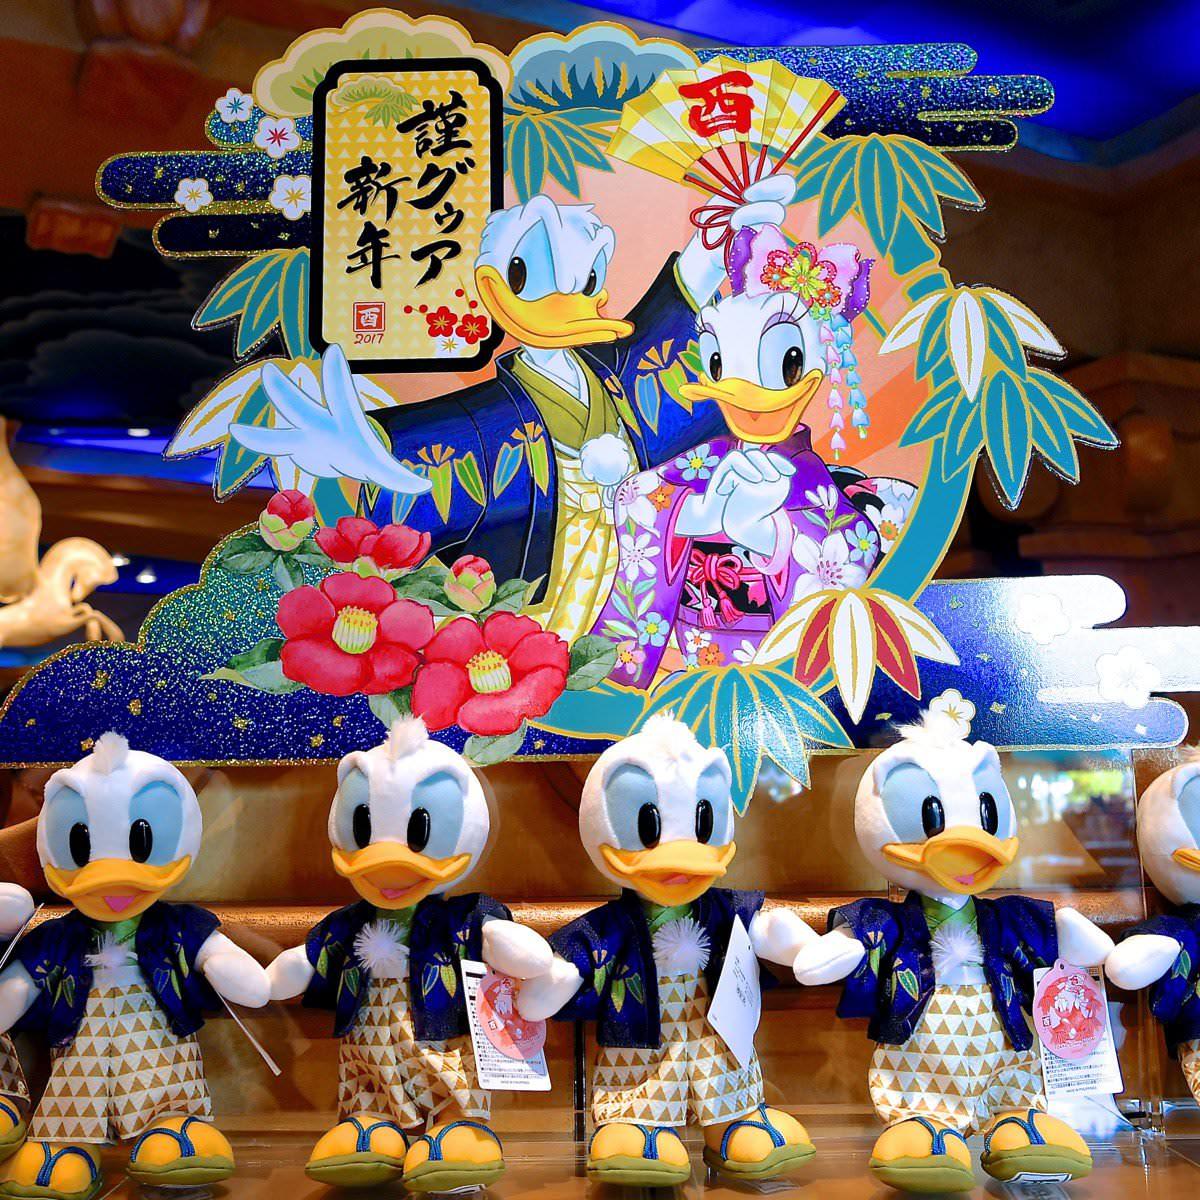 酉年はドナルドが主役☆東京ディズニーランド2017年お正月グッズまとめ -